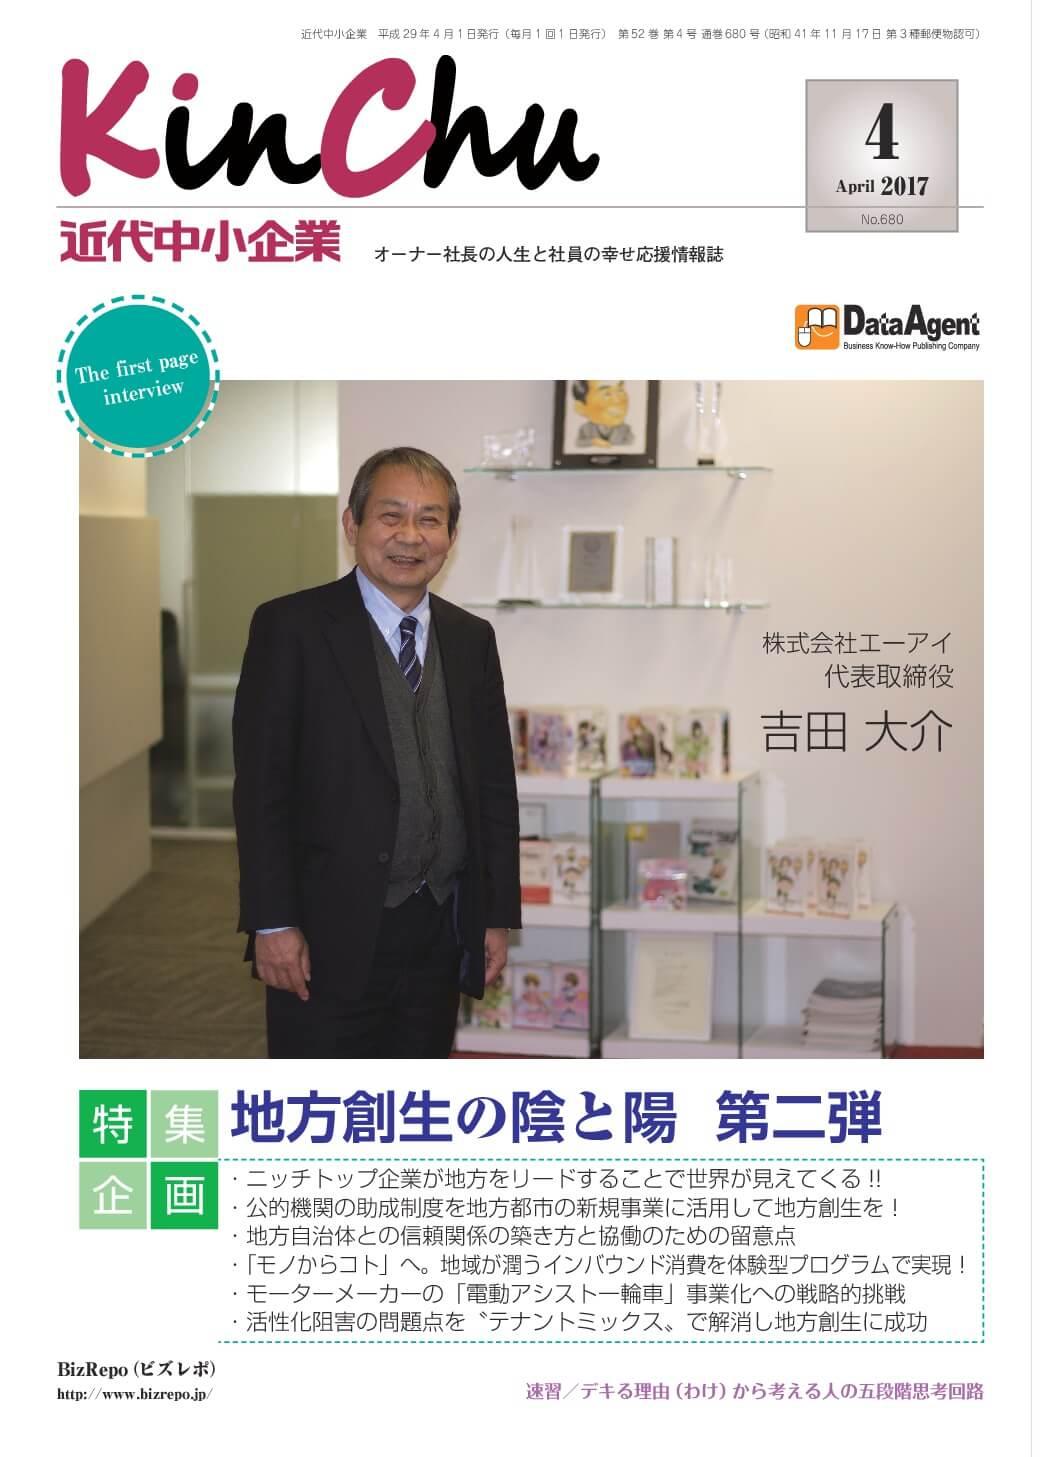 近代中小企業4月号「事業部売却!M&Aによる企業再生の道」連載第2回